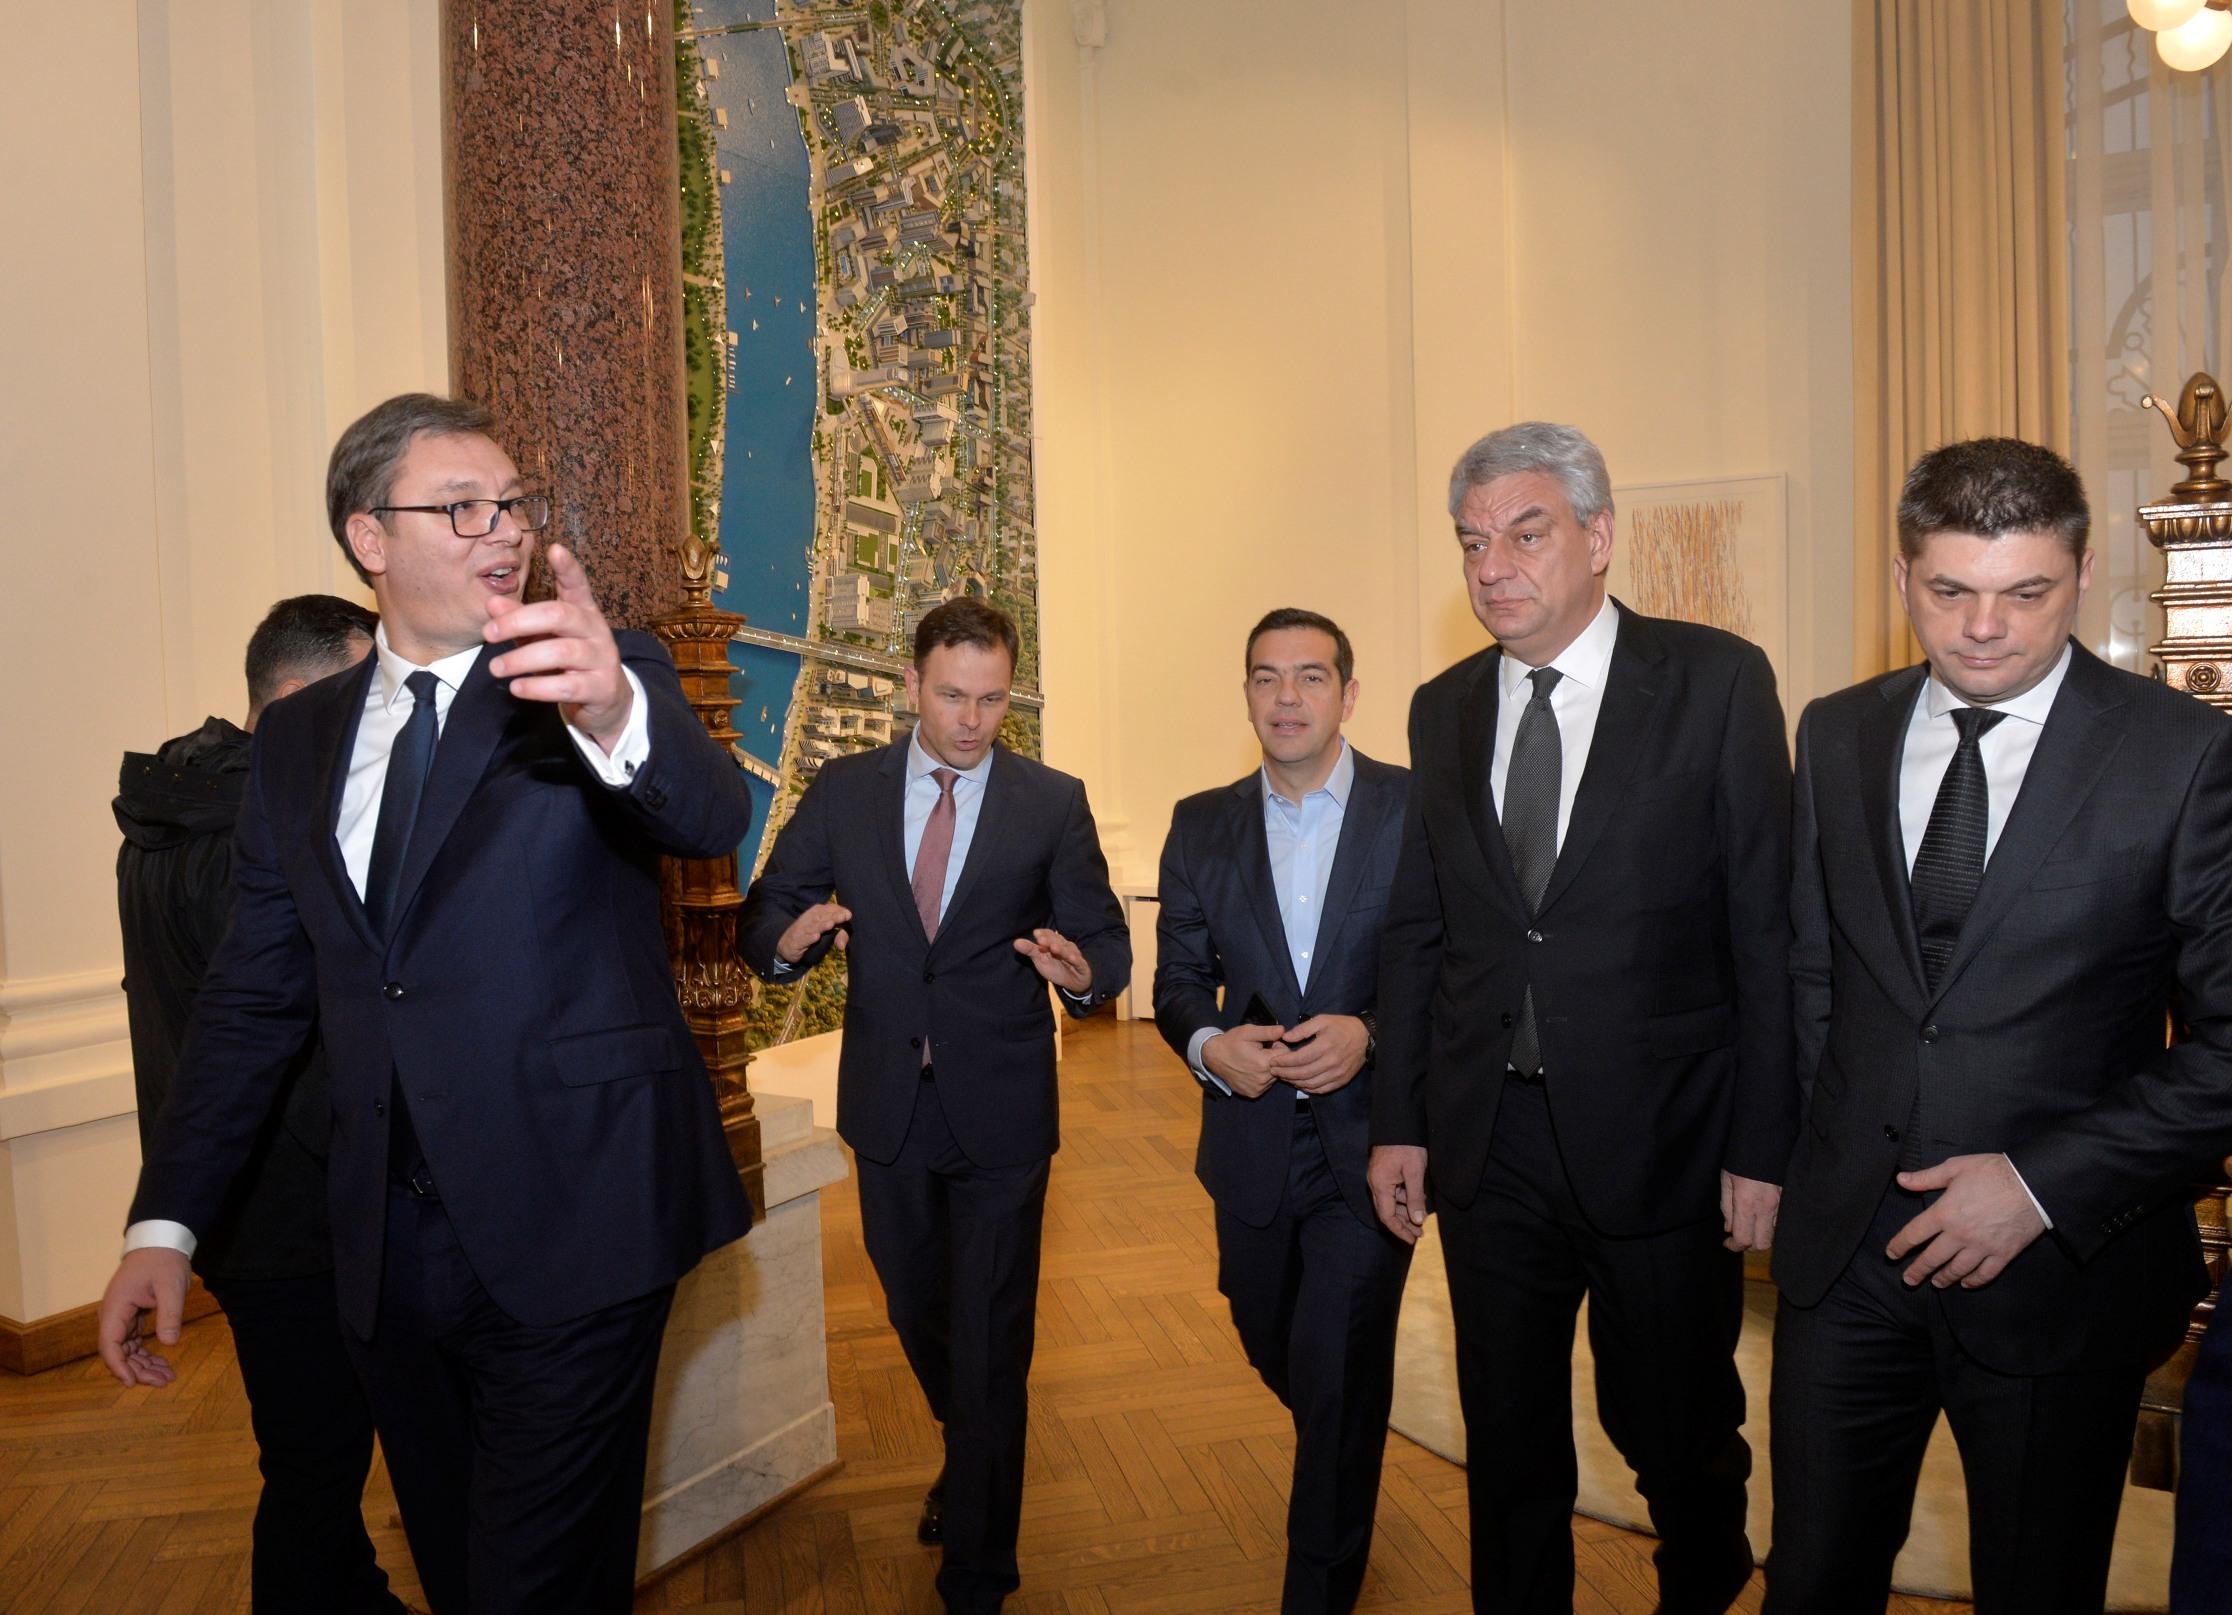 Beograd: Sastanka Visokog saveta Srbije, Bugarske, Grčke i Rumunije – privredna saradnja najveća šansa Balkana